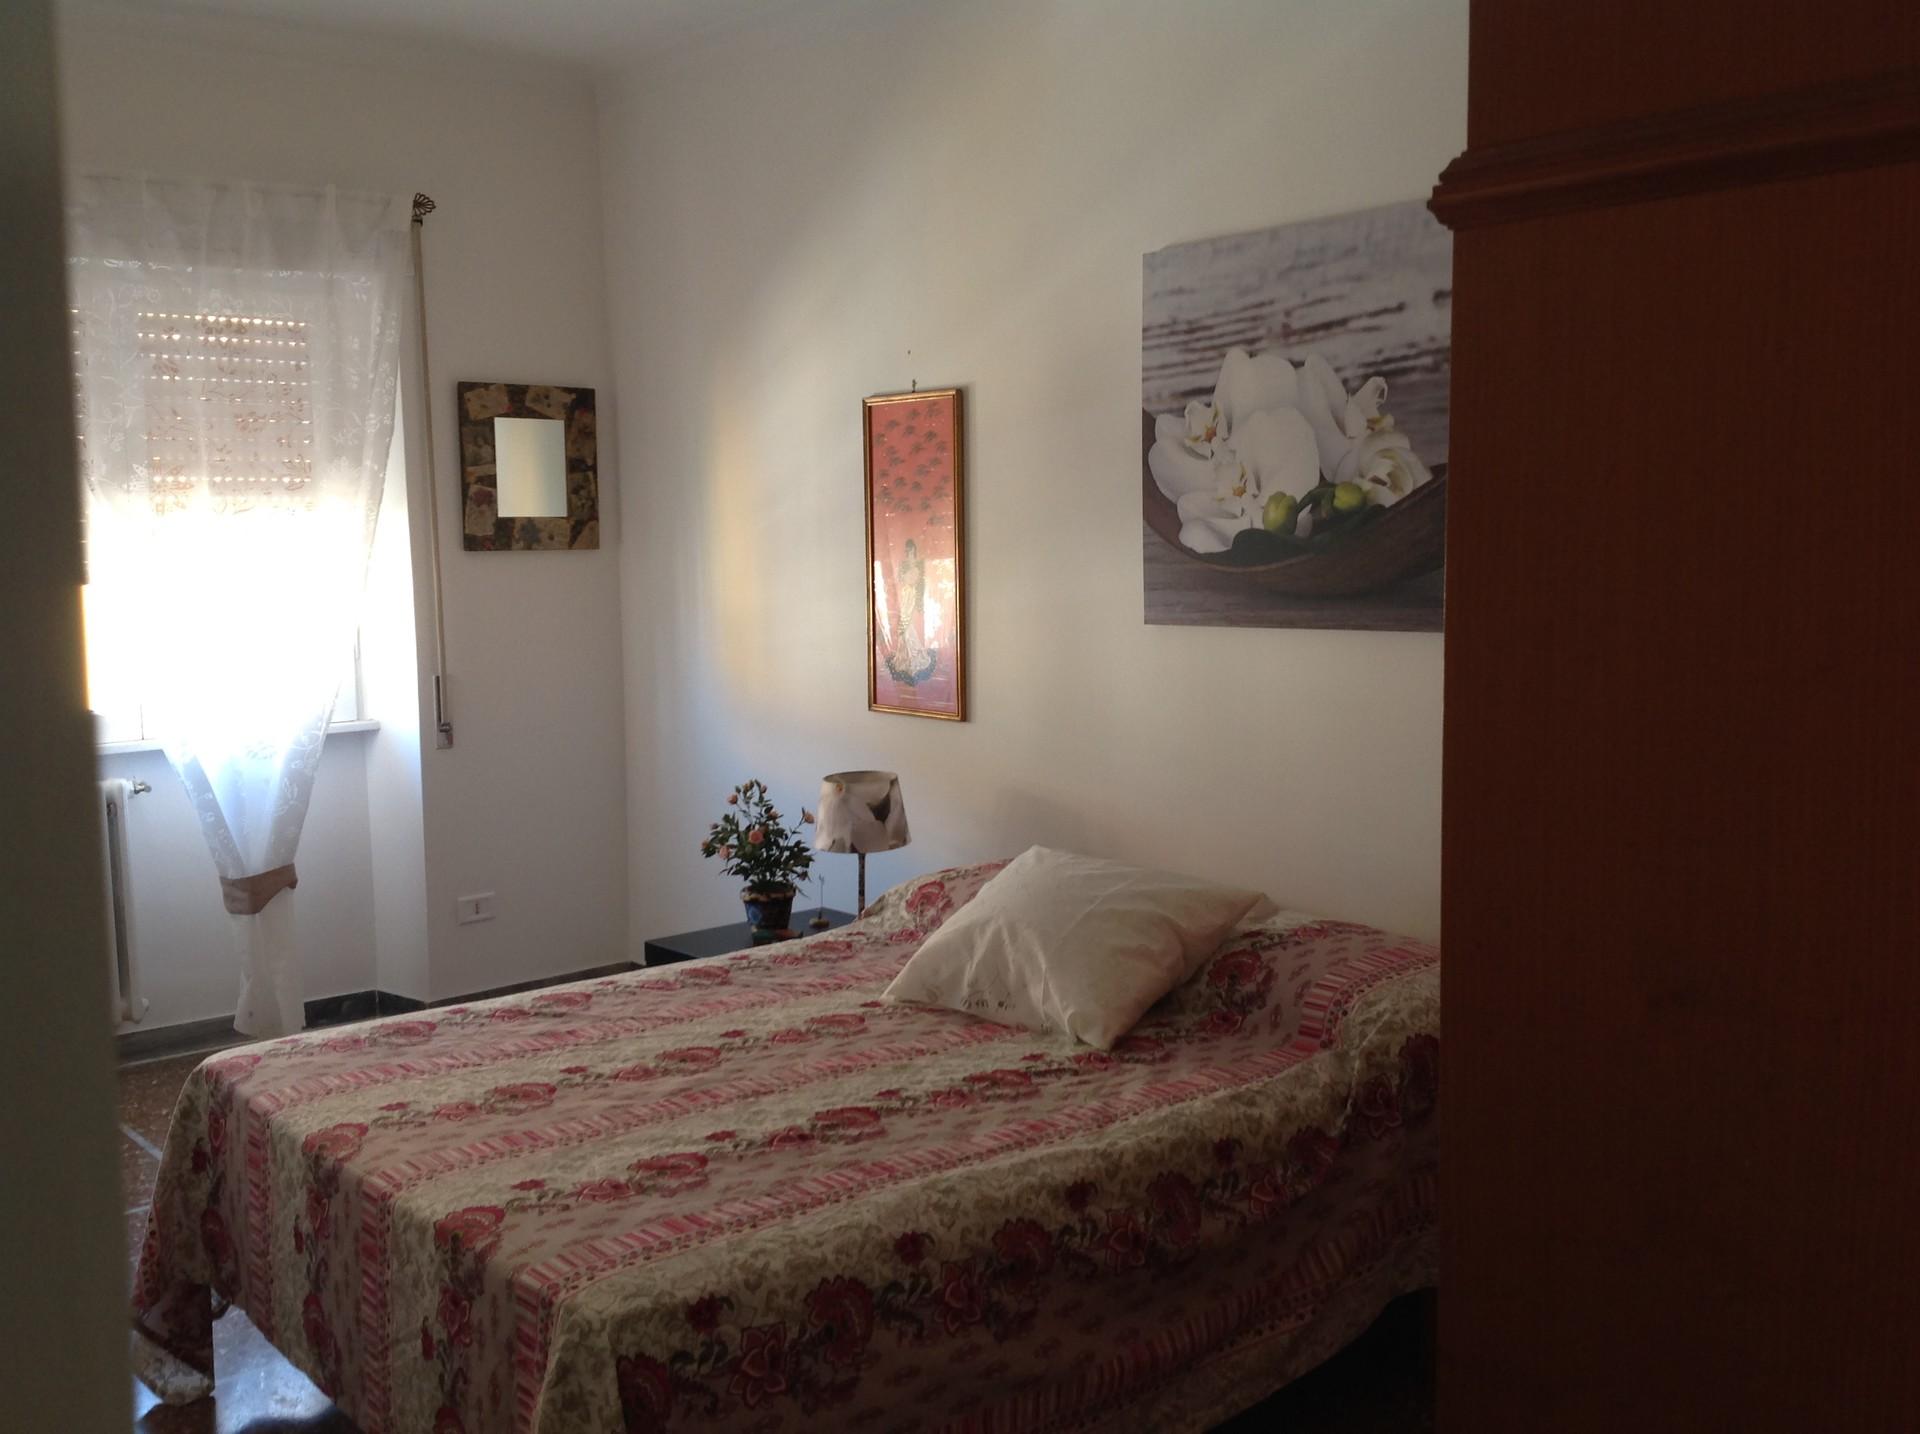 Camera Matrimoniale A Roma.Camera Matrimoniale Luminosa E Silenzioso Ultimo Piano Zona Marconi Roma Tre